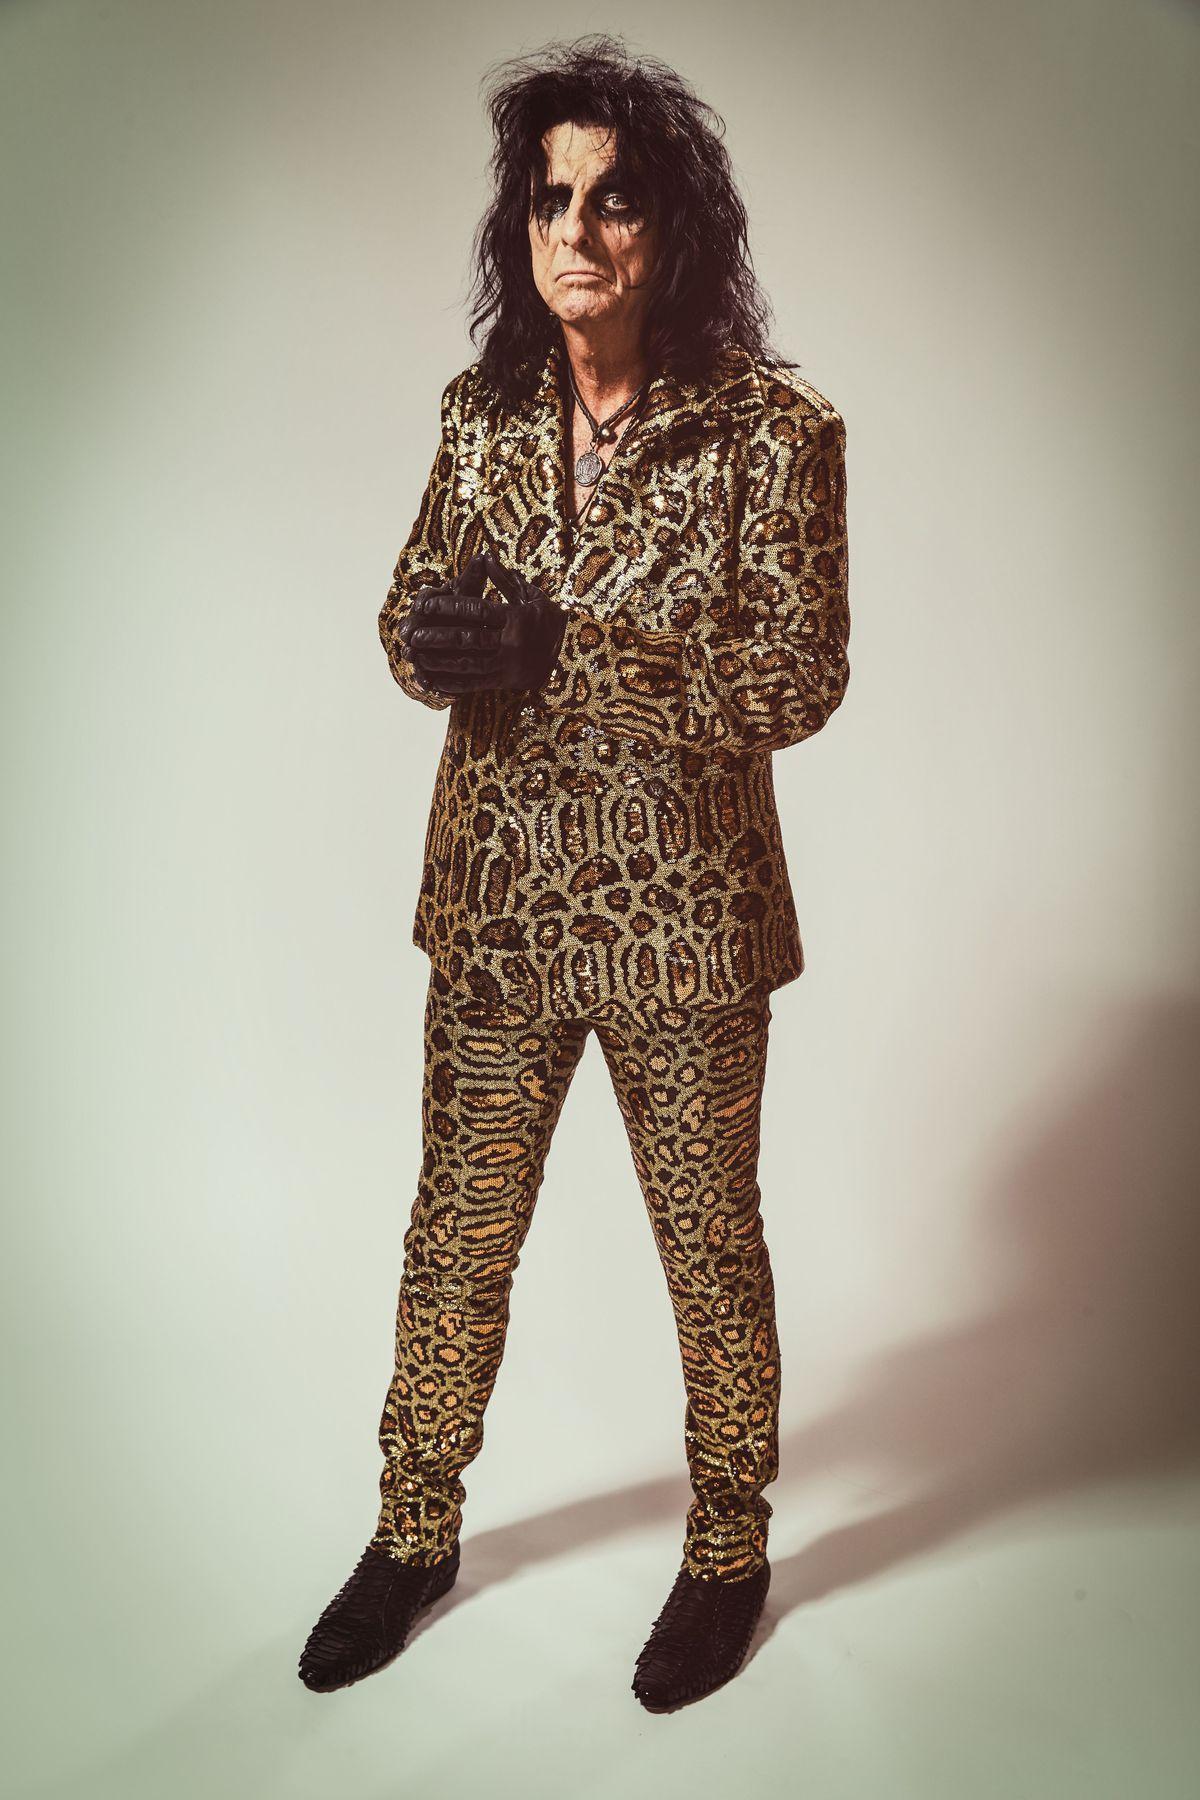 Alice Cooper. Pic: Rob Fenn